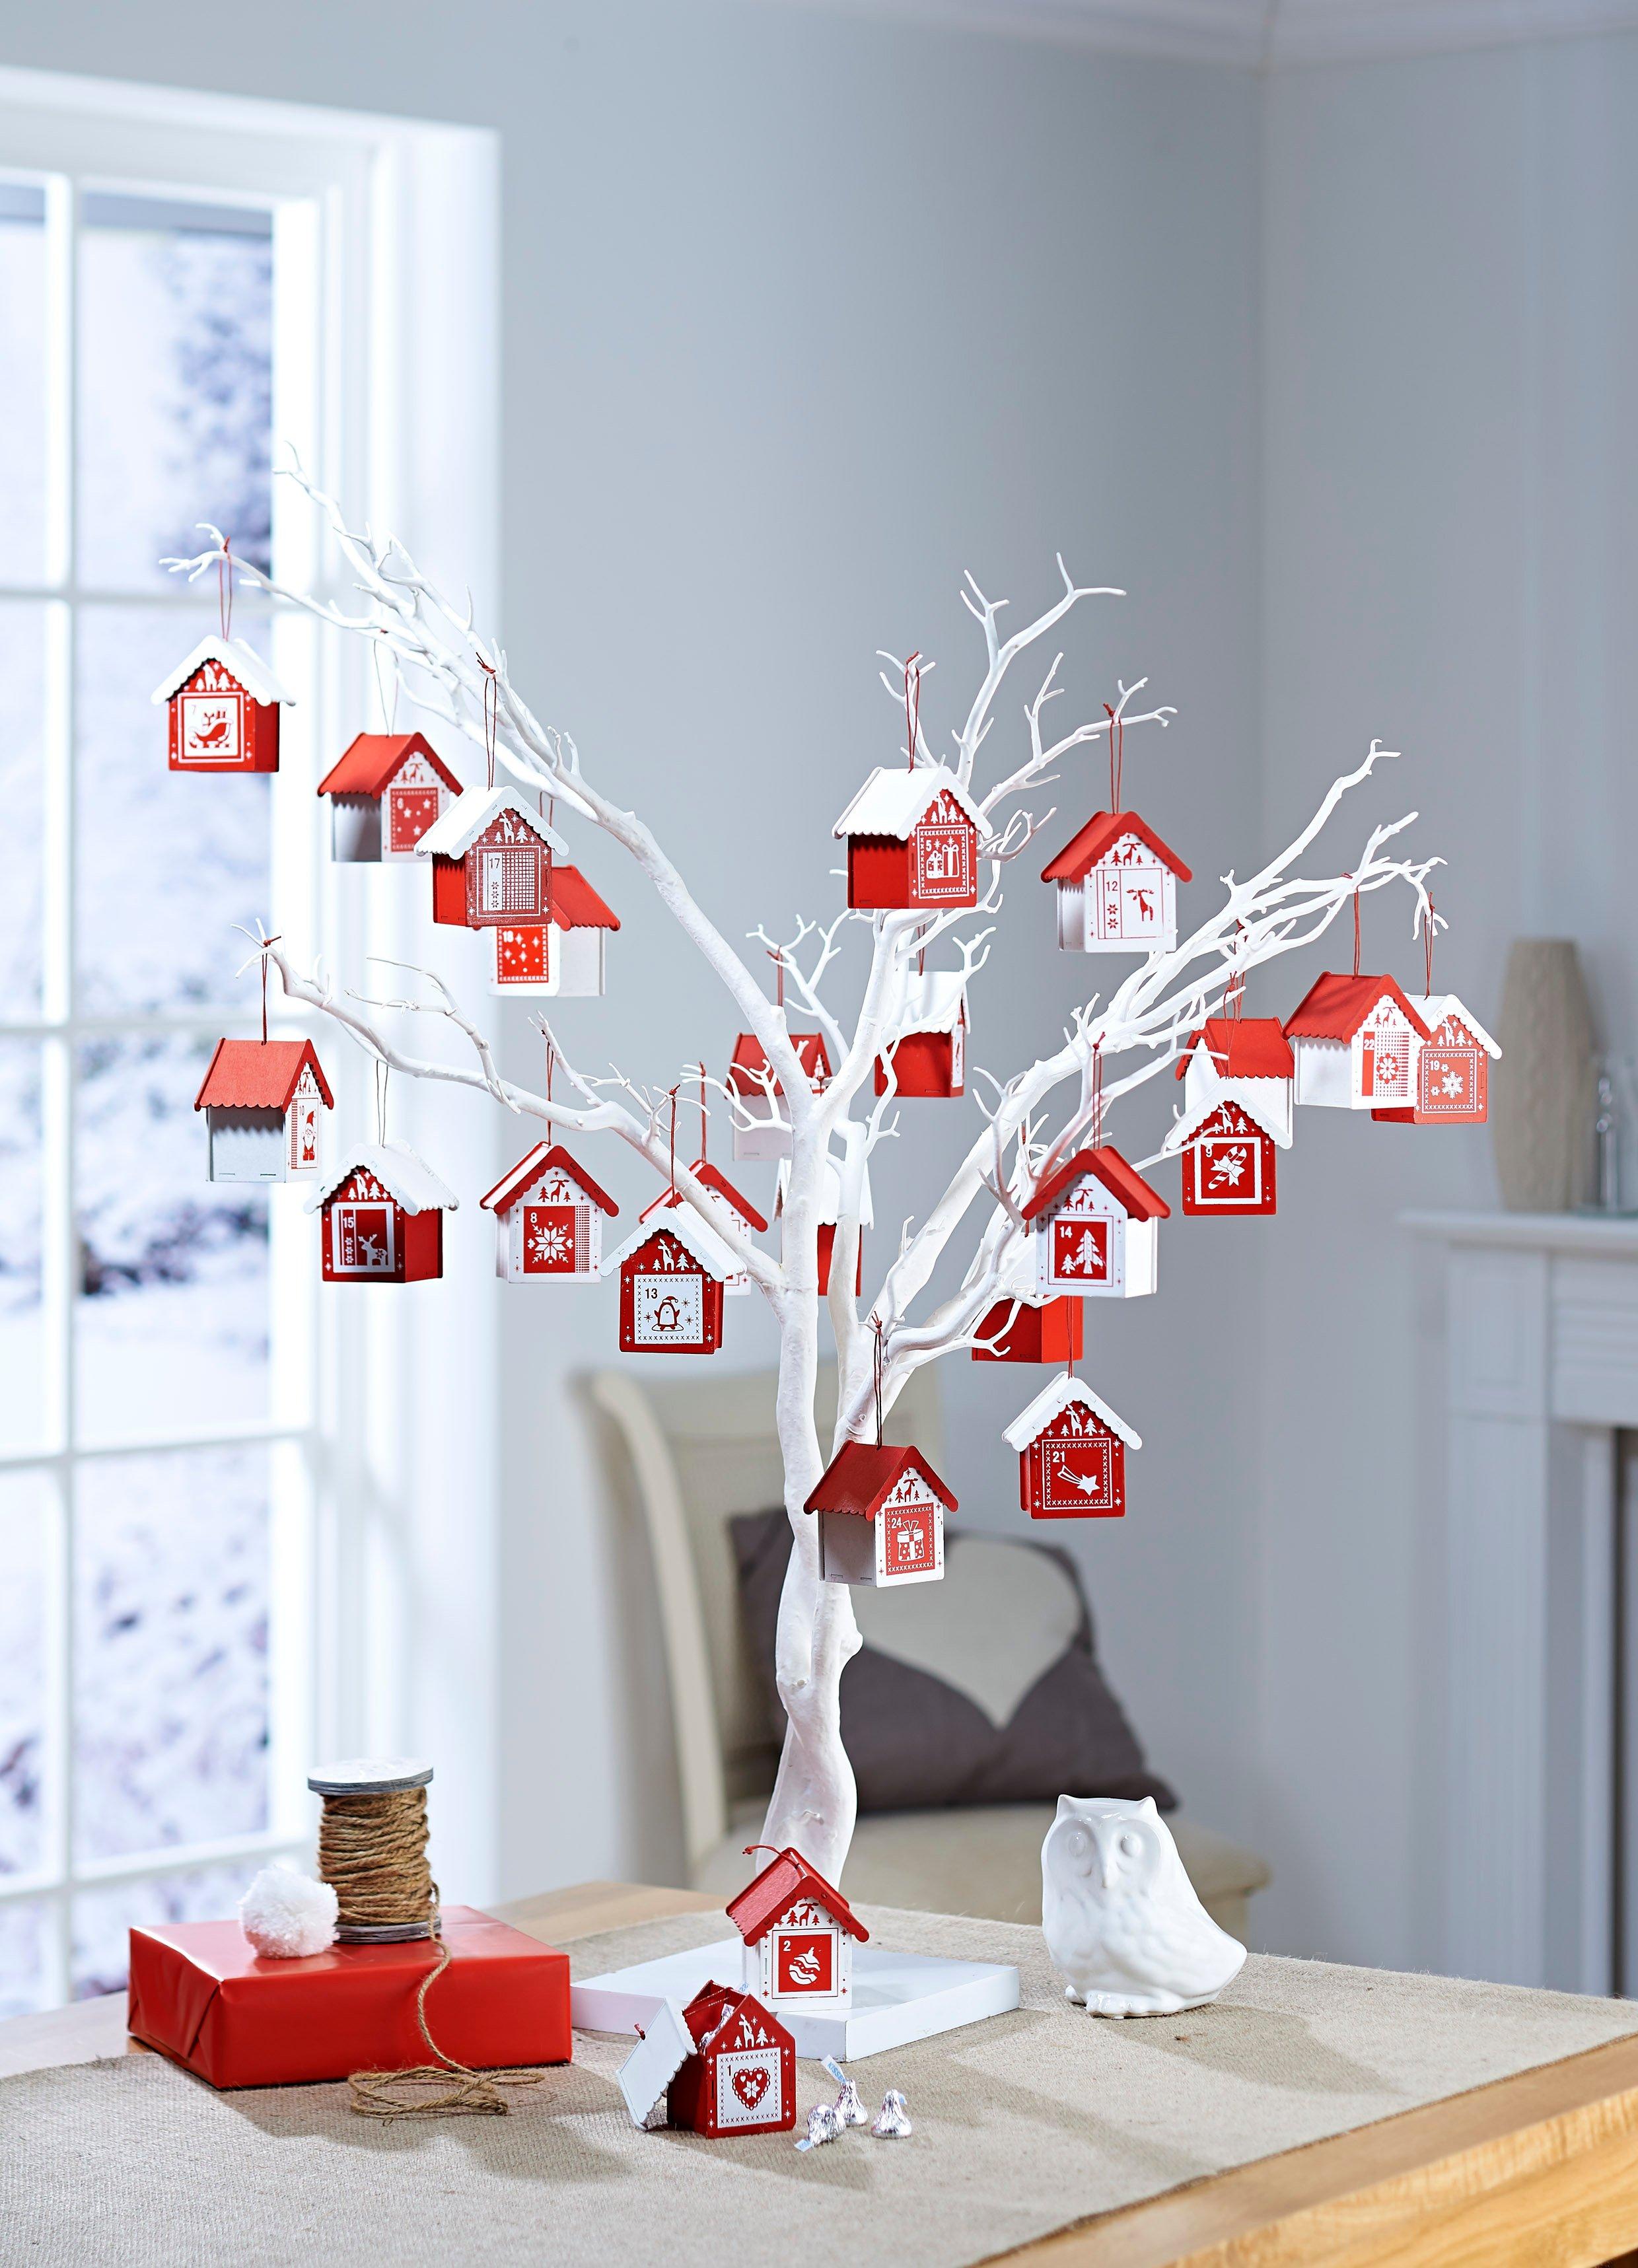 Selbstgemachter Adventskalender mit Geschenke in Hauser